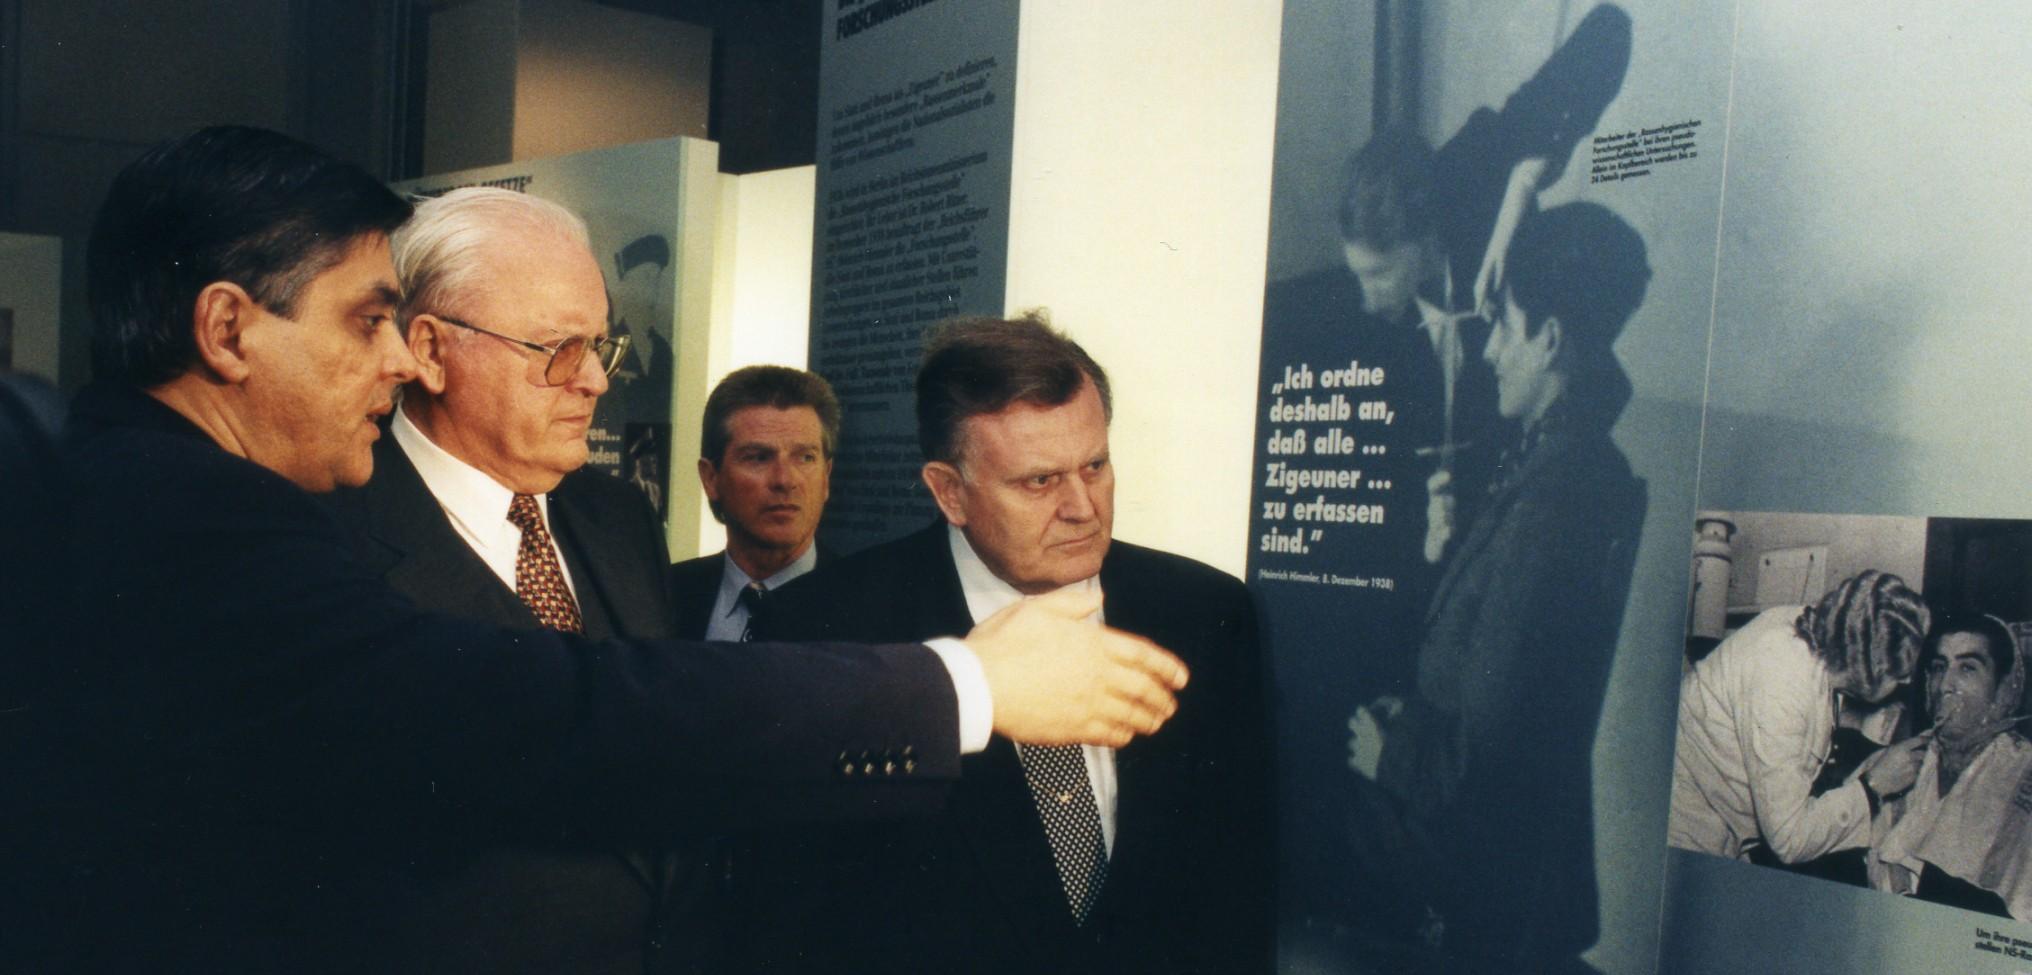 Der damalige Bundespräsident Roman Herzog mit dem baden-württembergischen Ministerpräsidenten Erwin Teufel bei der Eröffnung des Dokumentations- und Kulturzentrums Deutscher Sinti und Roma, 16. März 1997.